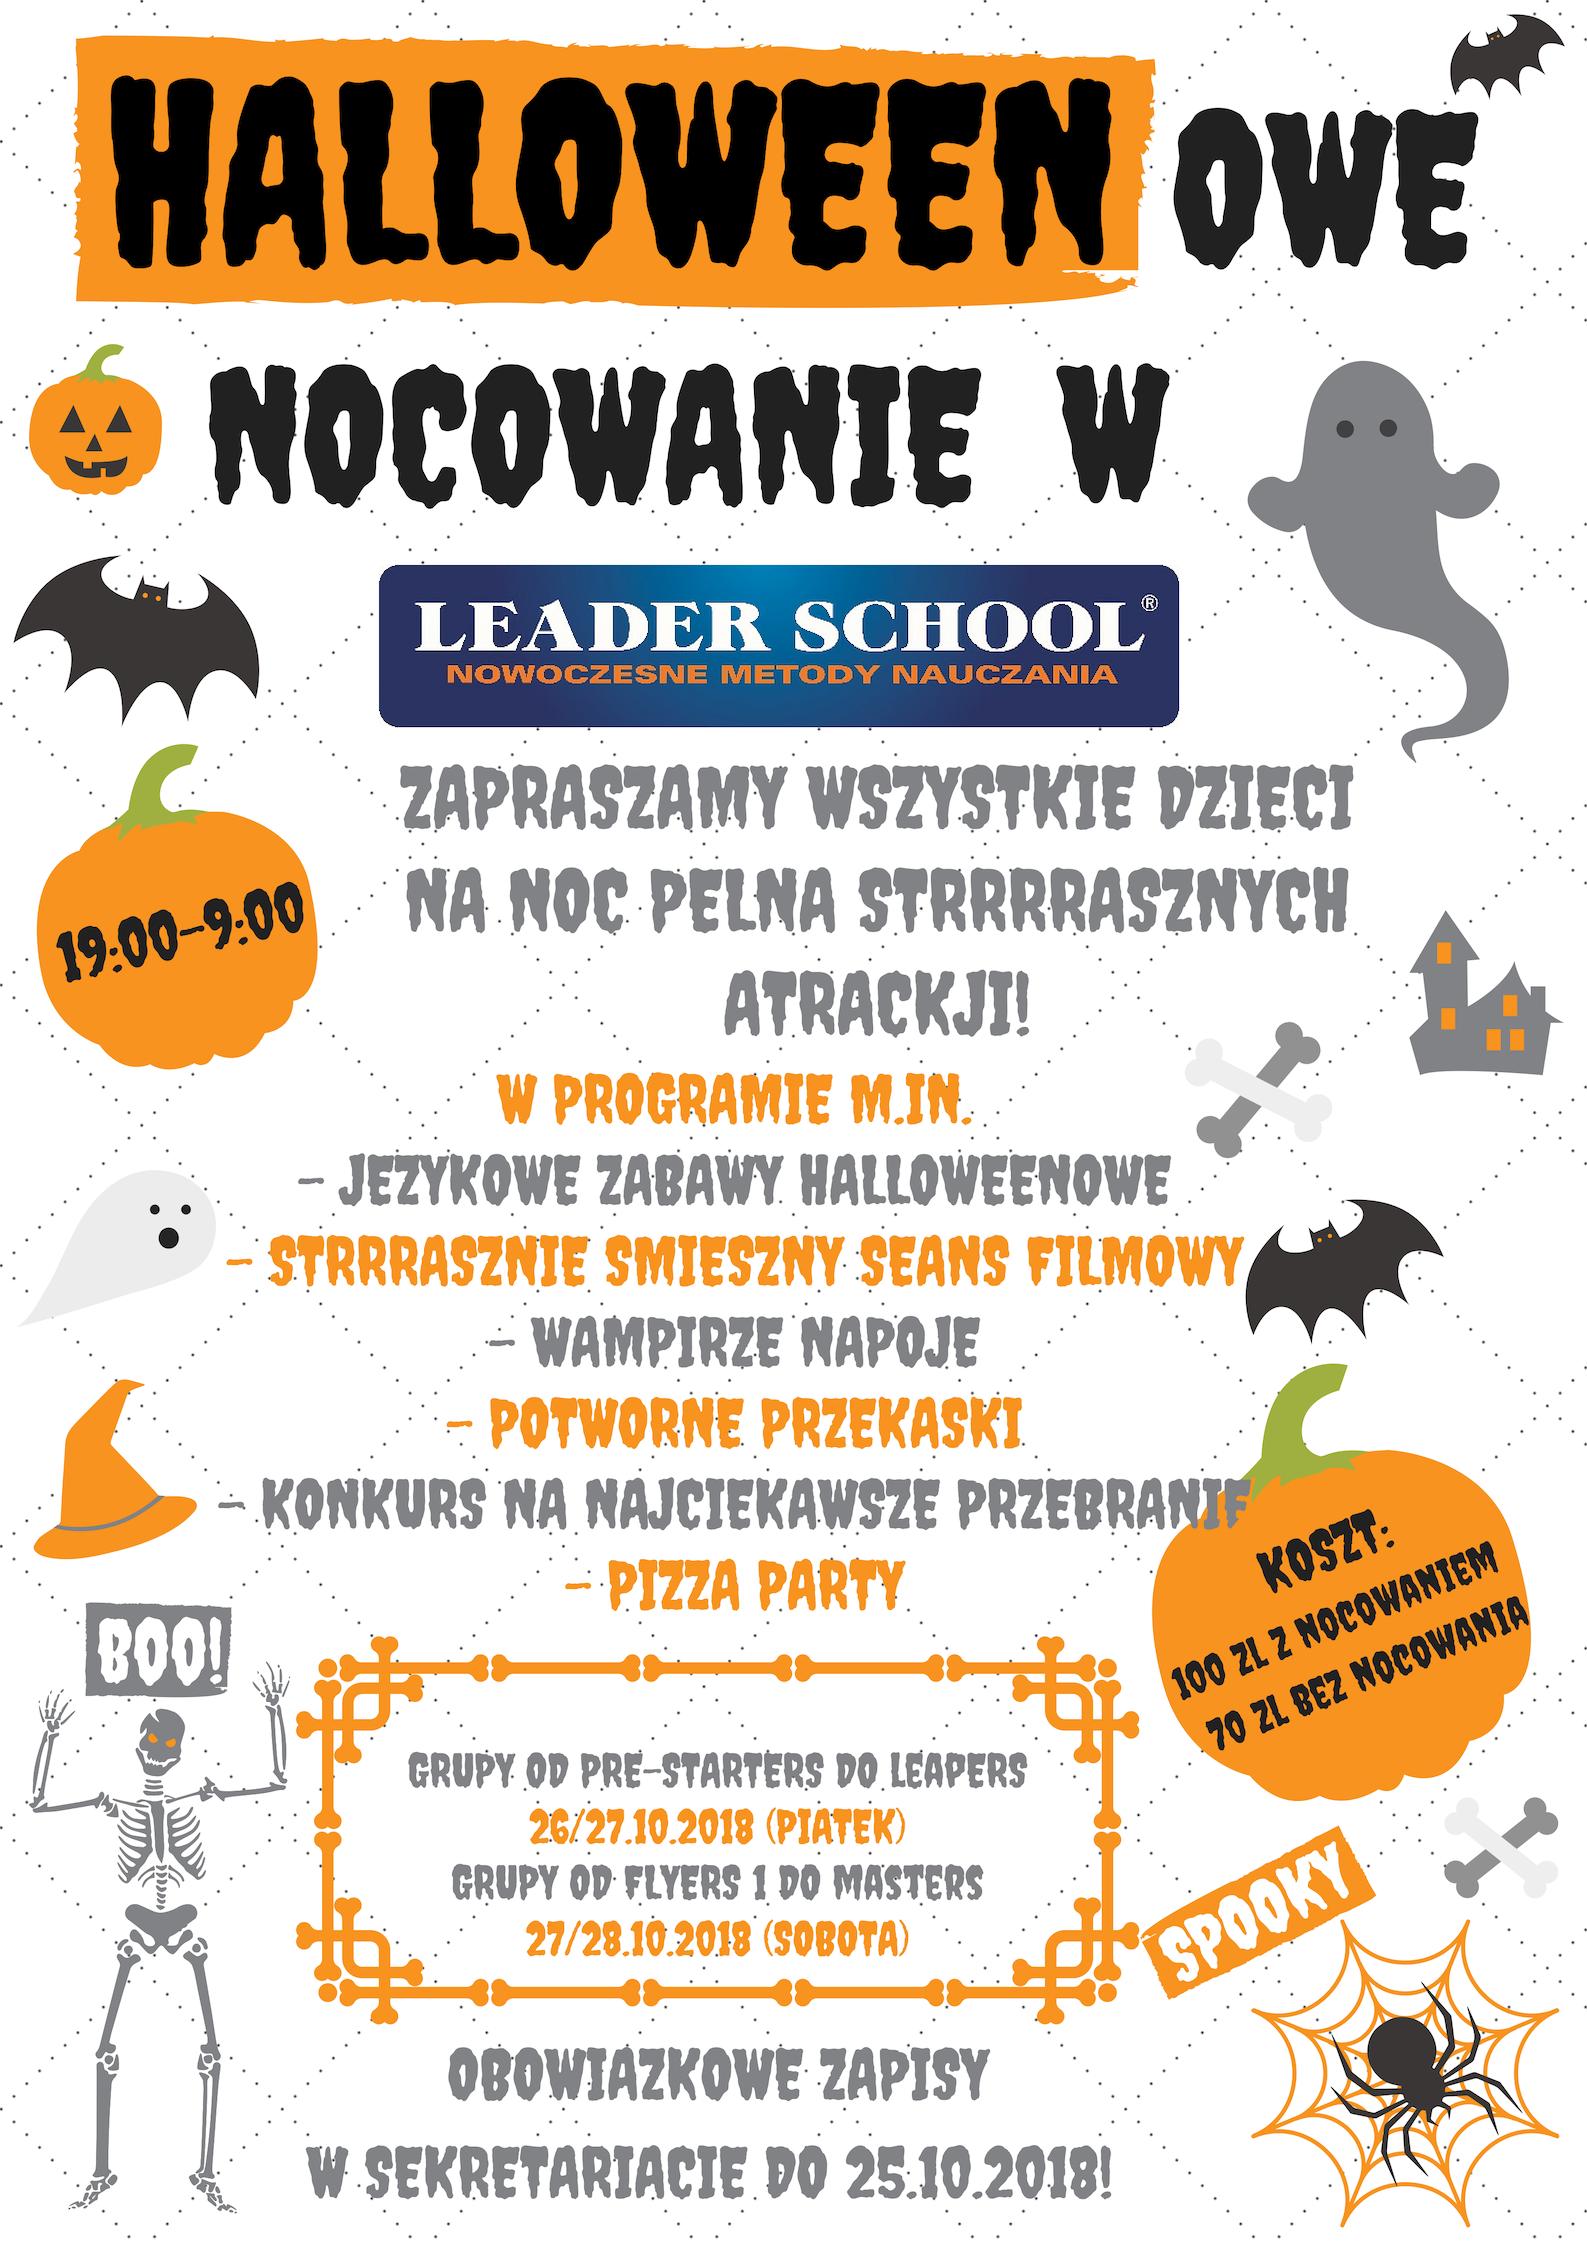 Halloweenowe nocowanie w Leader School